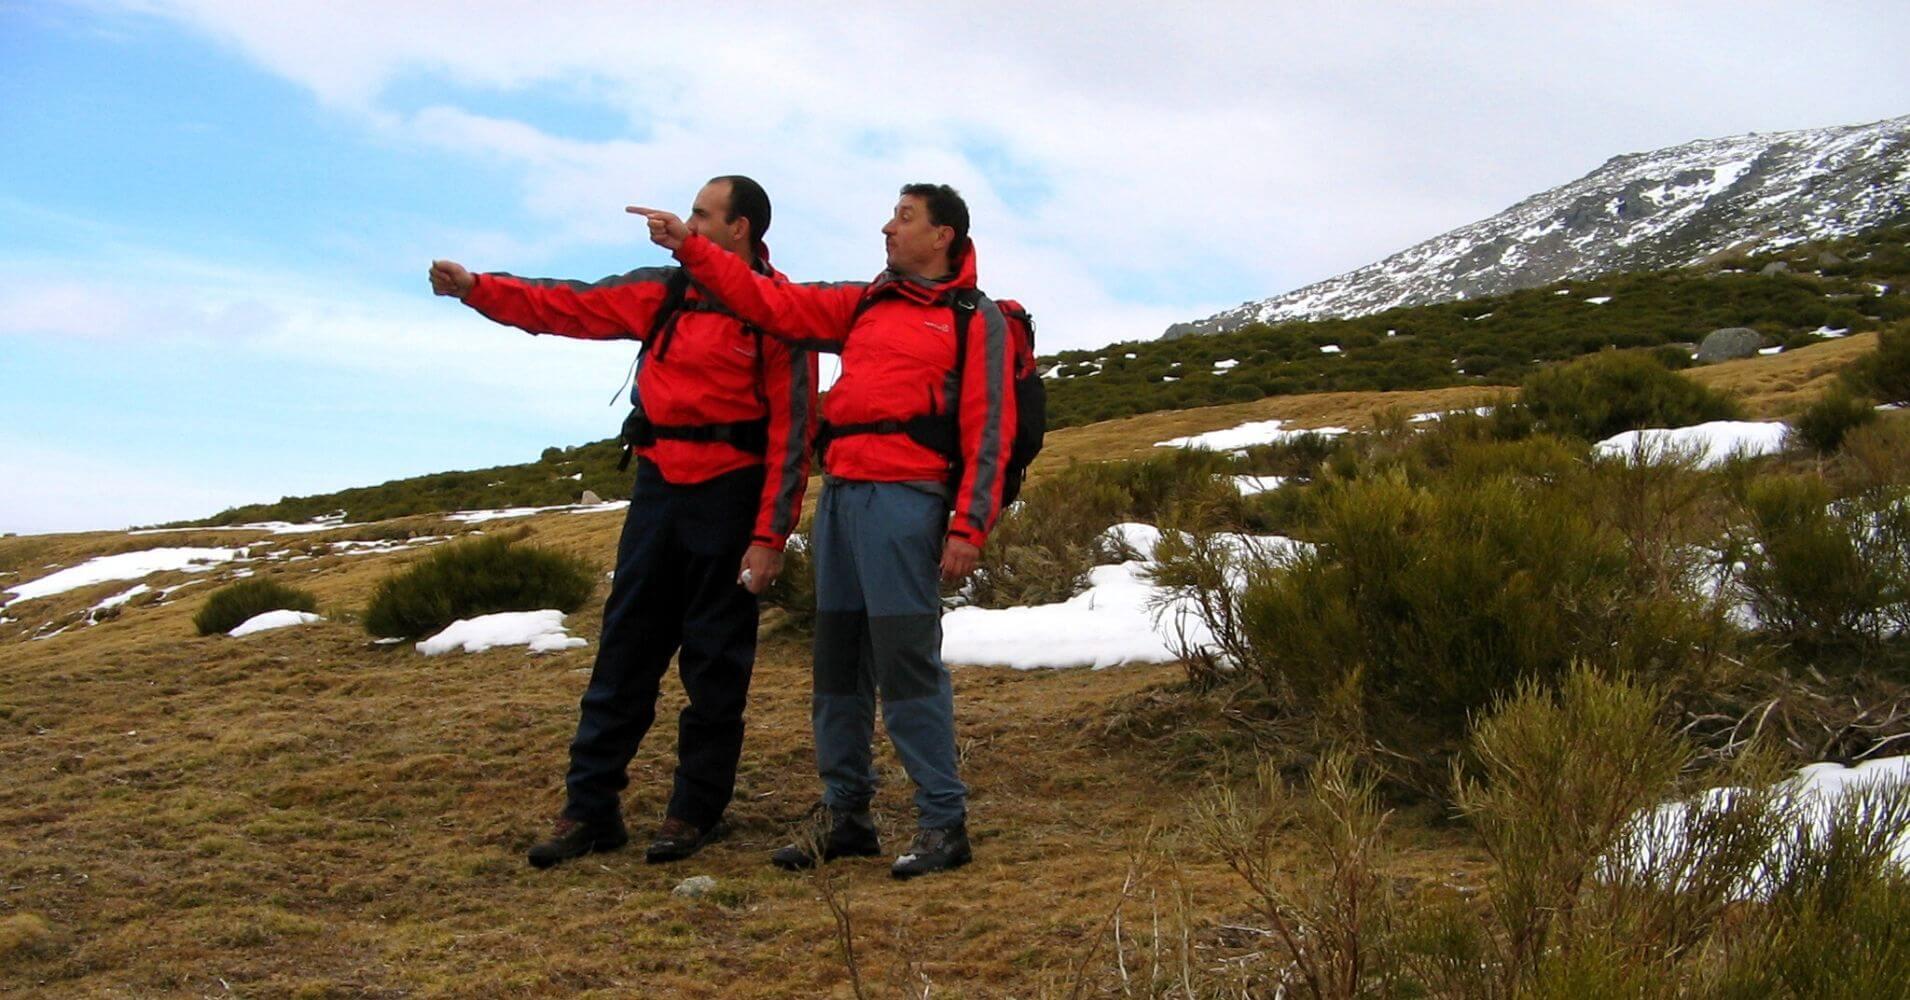 Panorámicas de la ruta, Sierra de Gredos. Ávila. Castilla y León.